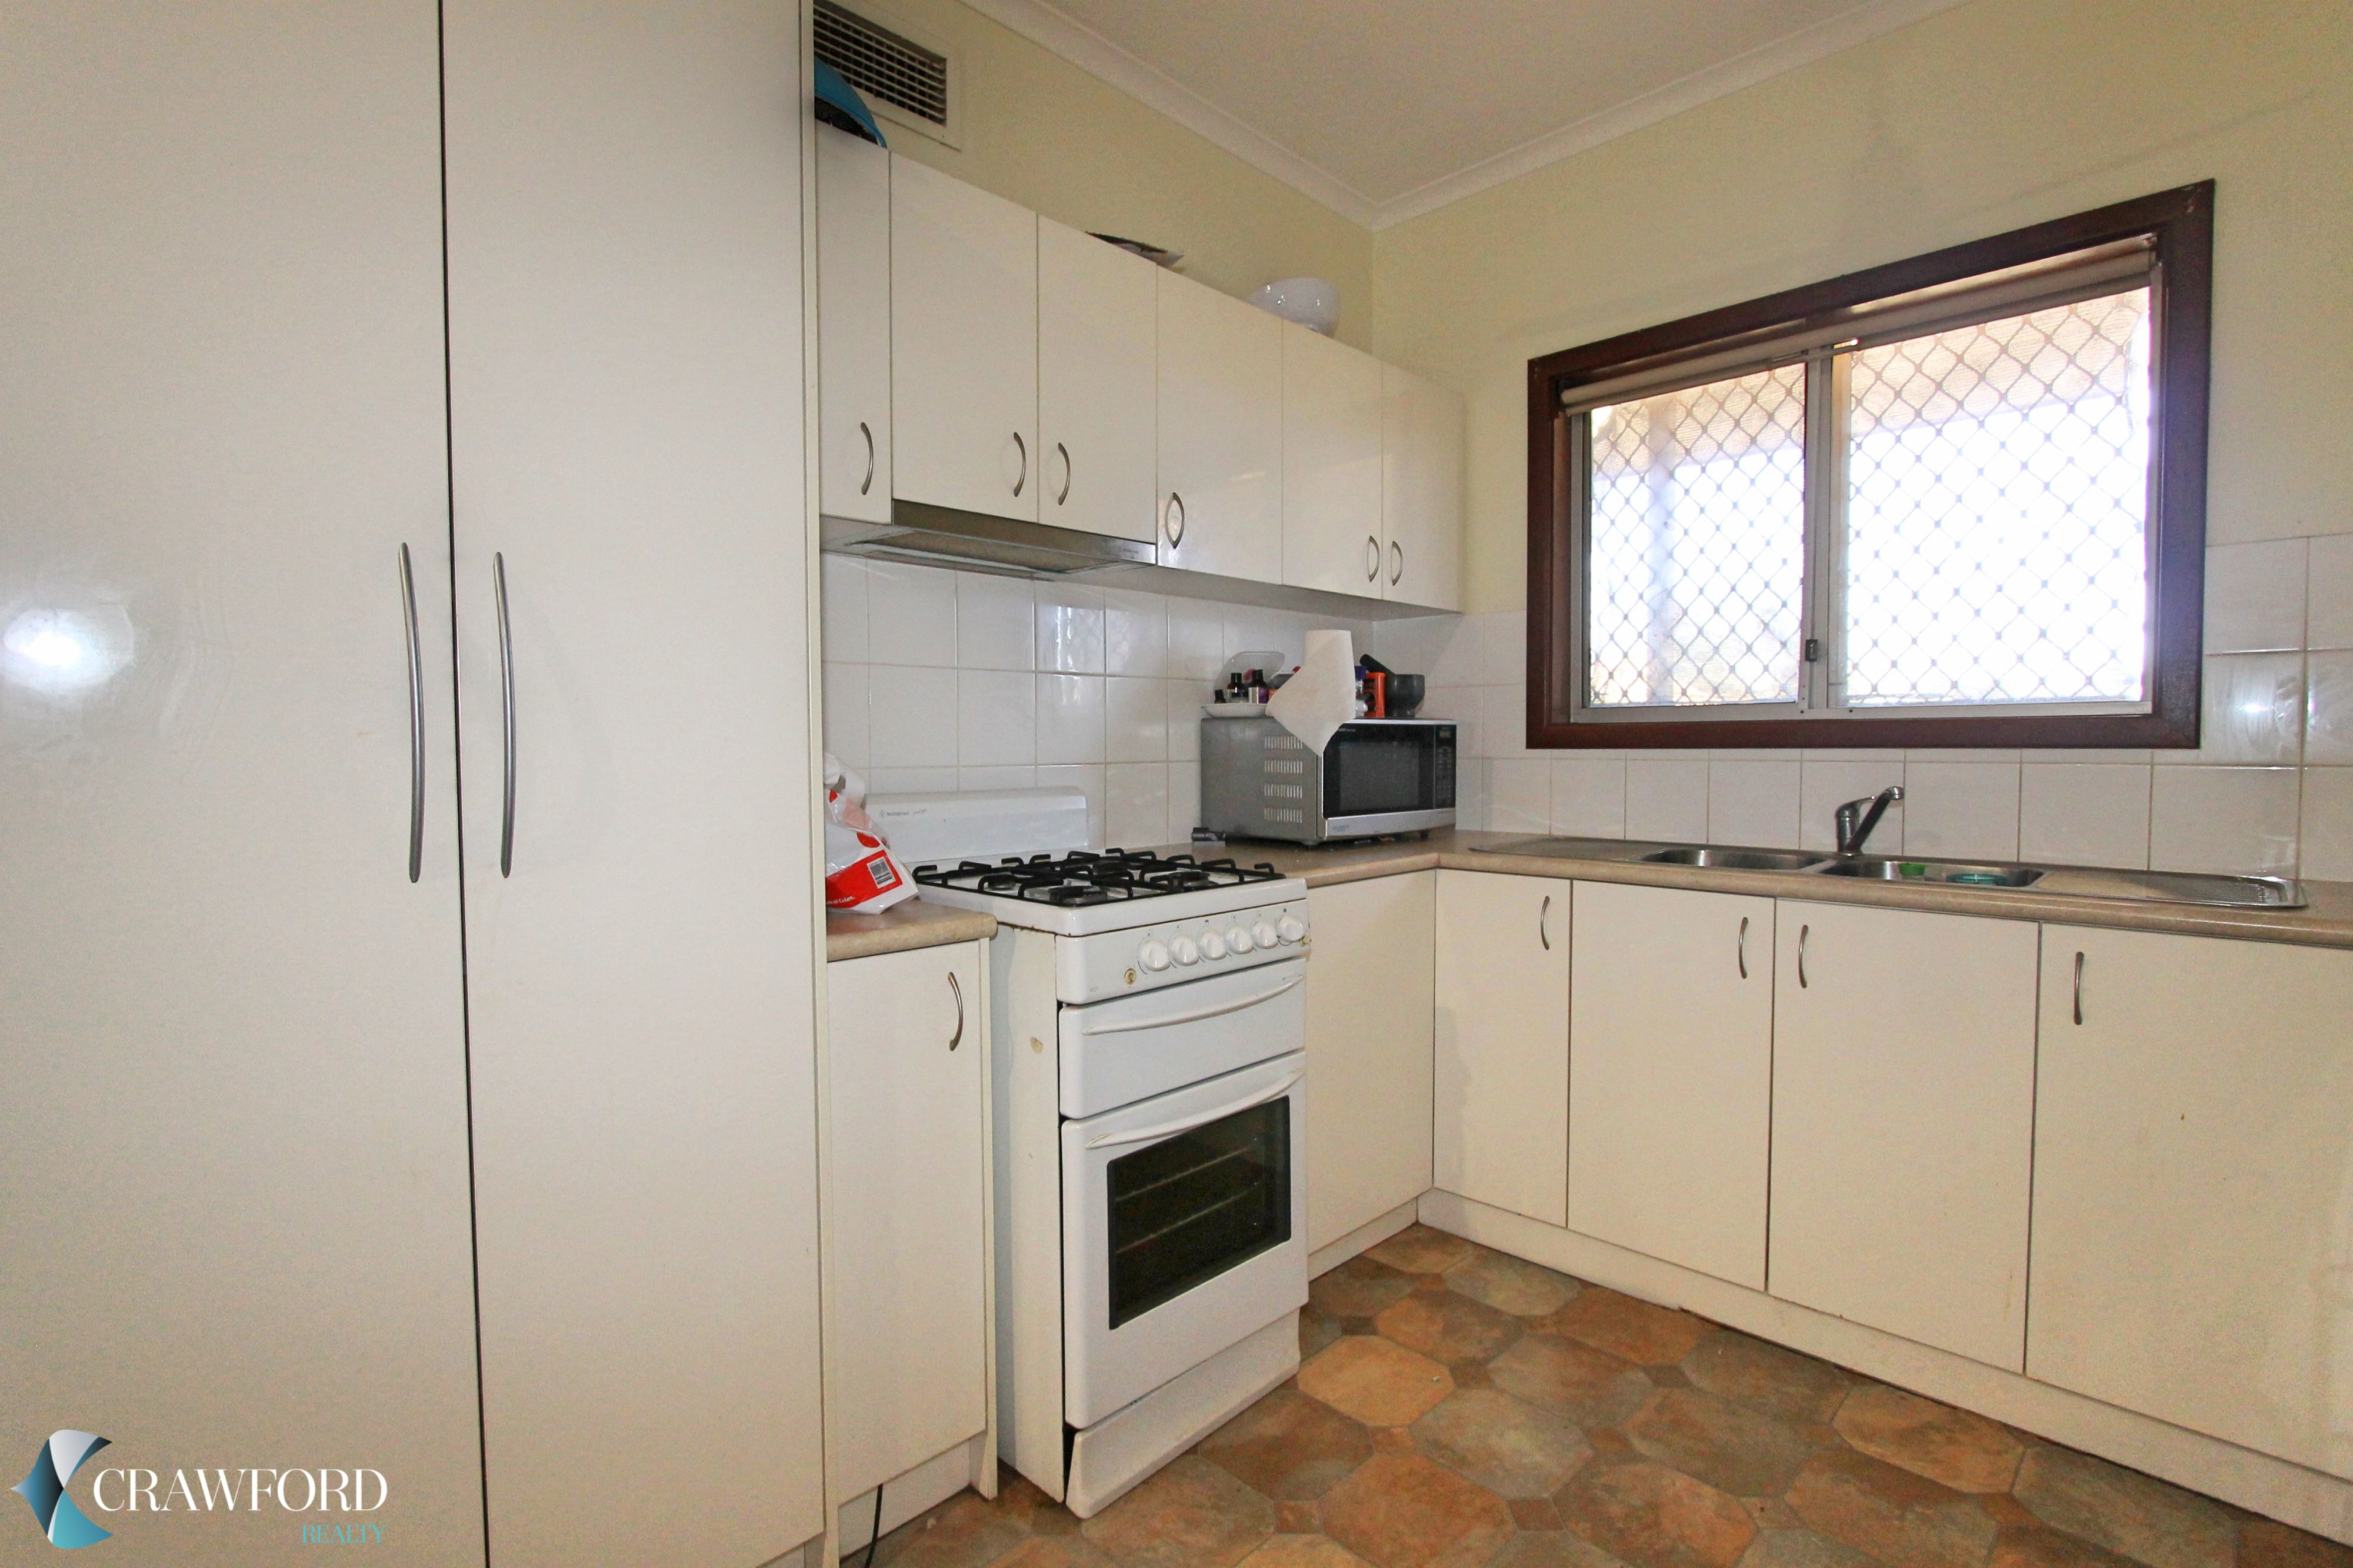 Kitchen-2-_5523672985_20190211060612_original